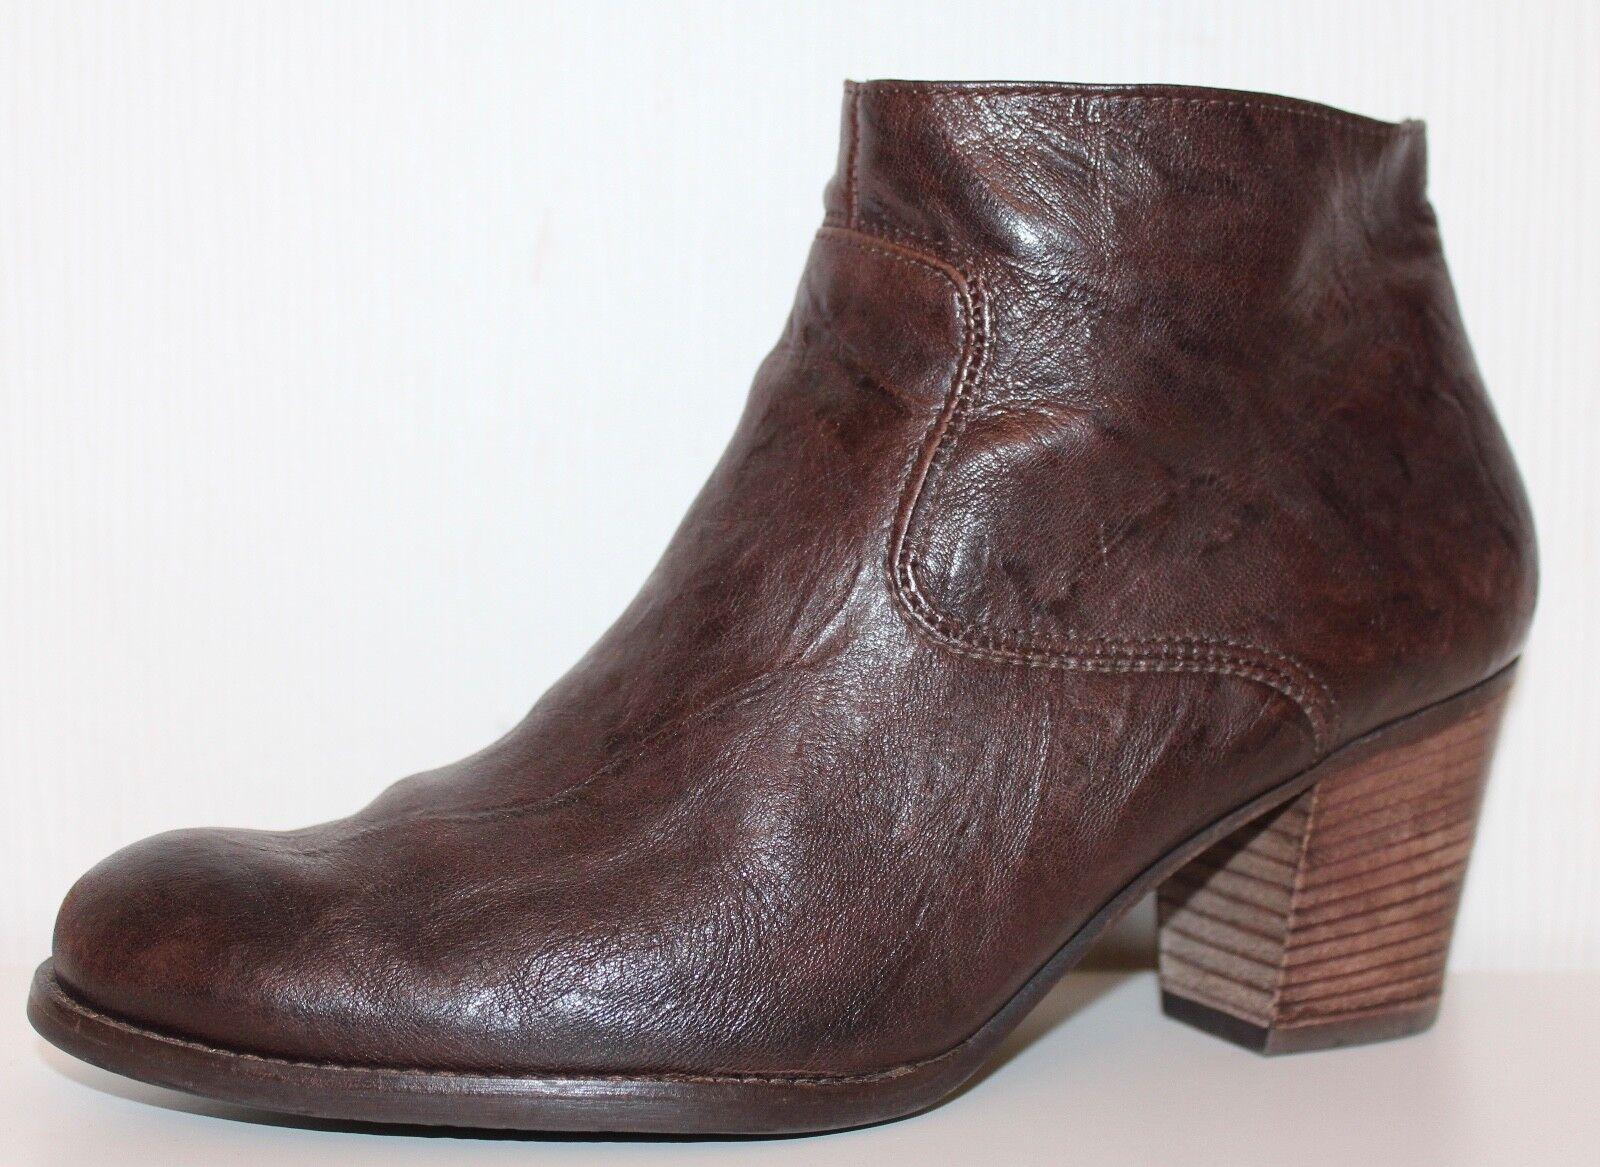 Paul verde botines zapatos zapatos zapatos 38 uk5 cuero pistol chelsea botaies  más orden